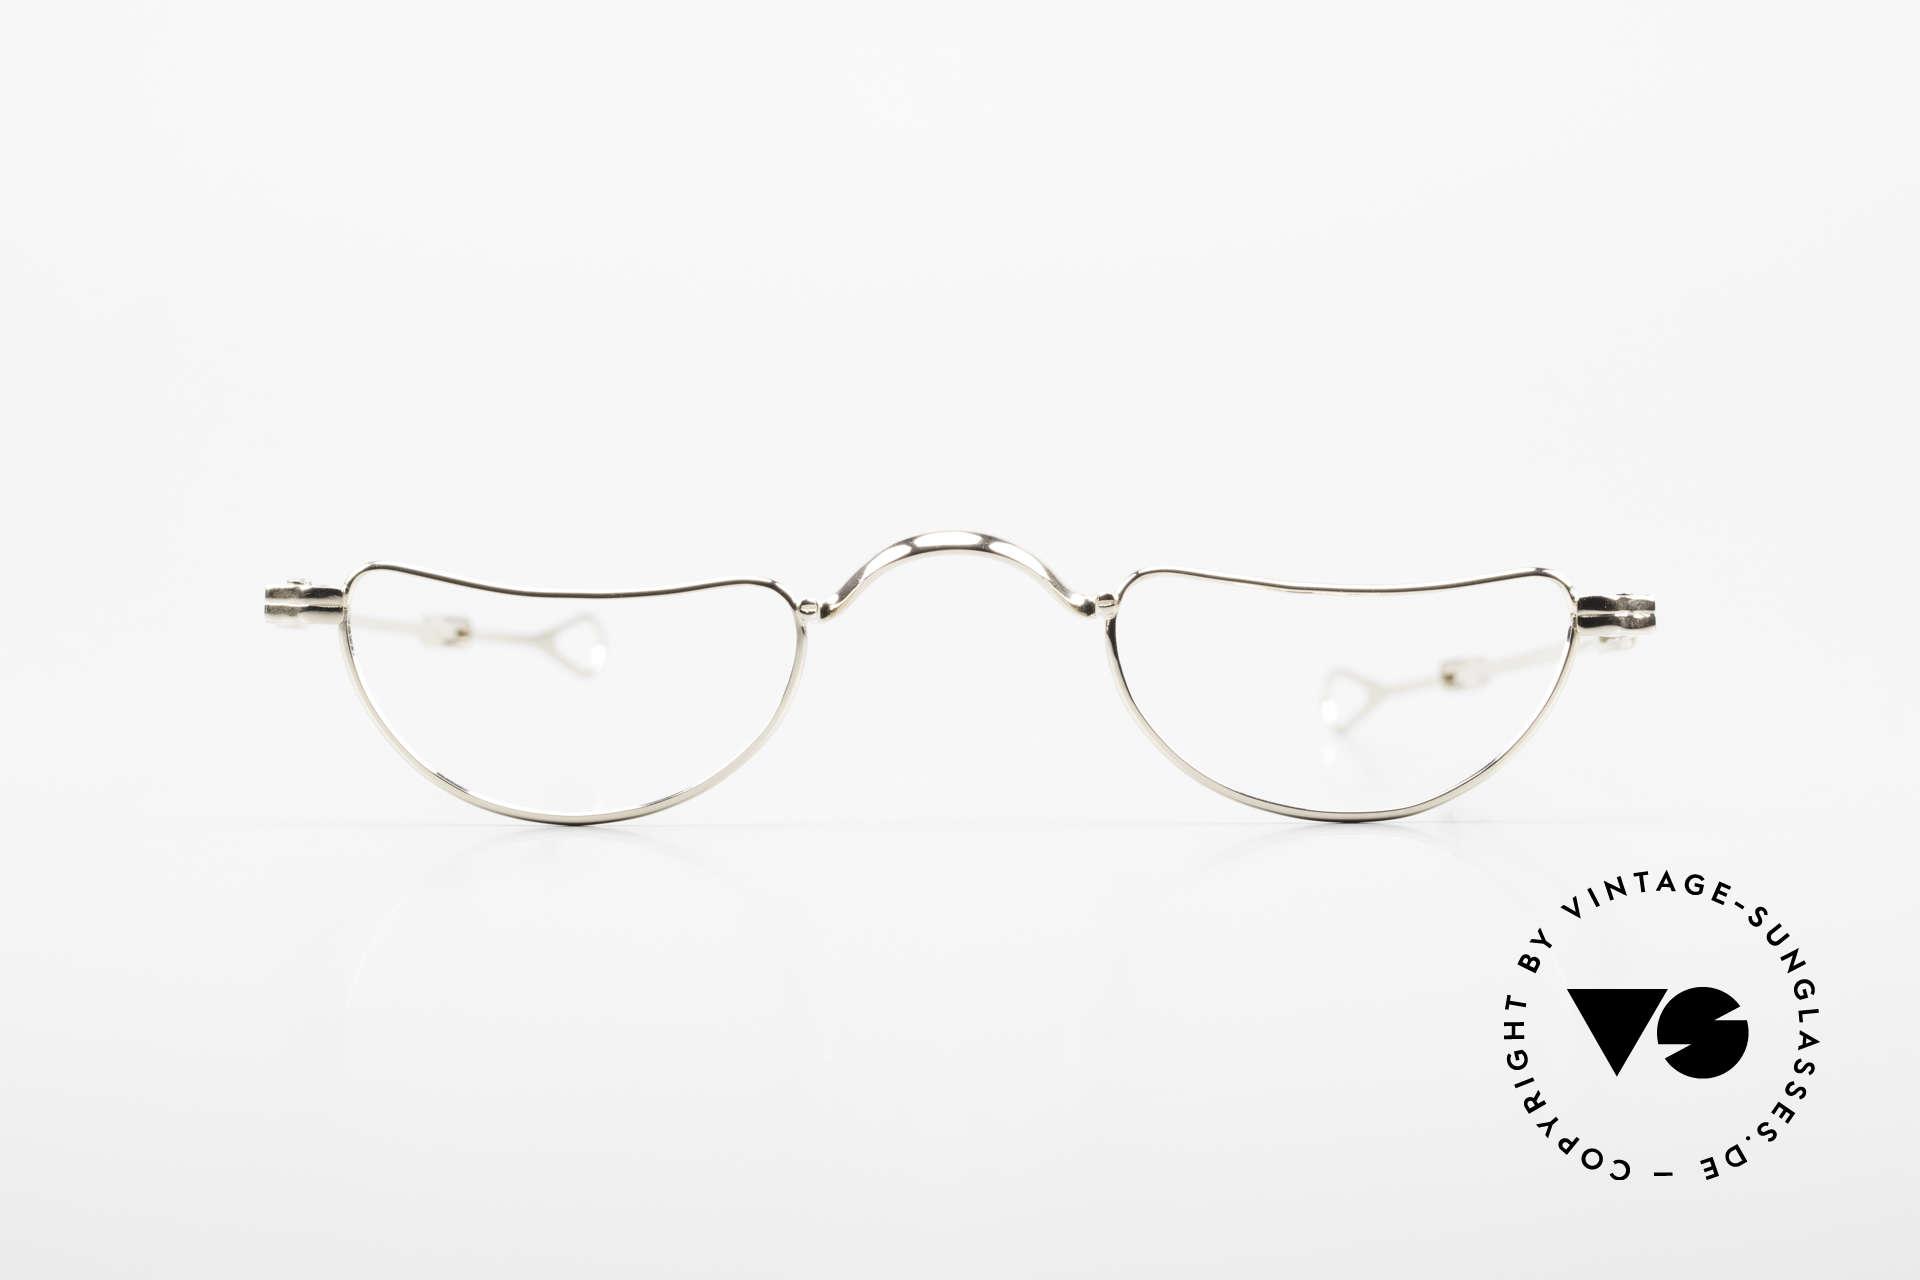 Lunor Goldbrille Echtgold Brille 16kt Lesebrille, Modell I-07 = 1. Serie 07. Mod. = Echtgold Lesebrille, Passend für Herren und Damen